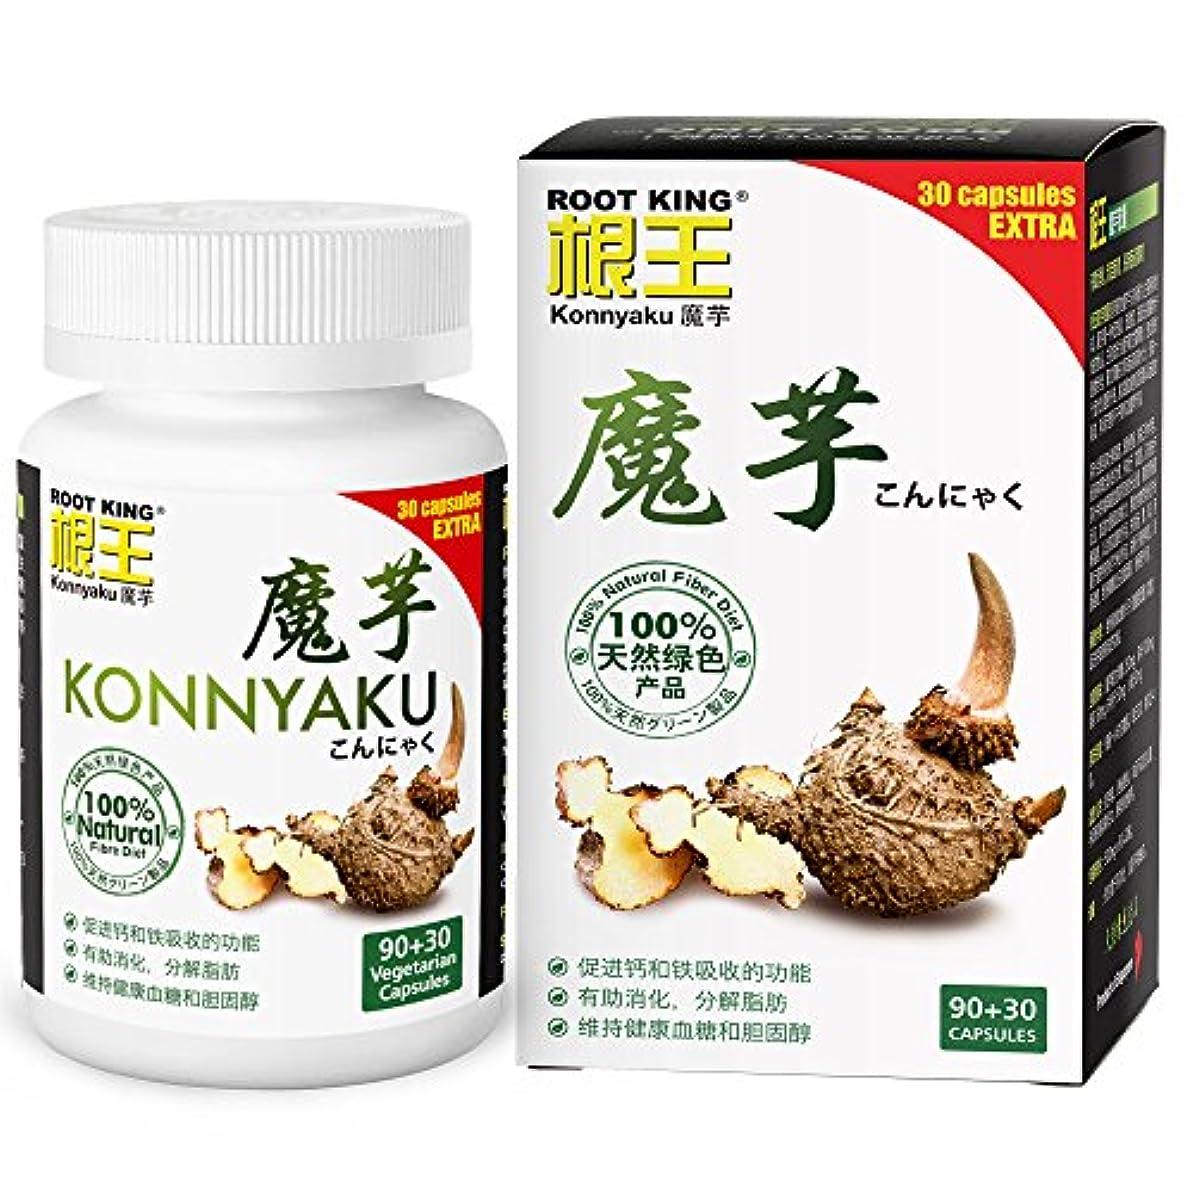 作曲する事故艦隊ROOT KING Konnyaku (120 Vegecaps) - control appetitide, feel fuller, contains Konjac glucomannan